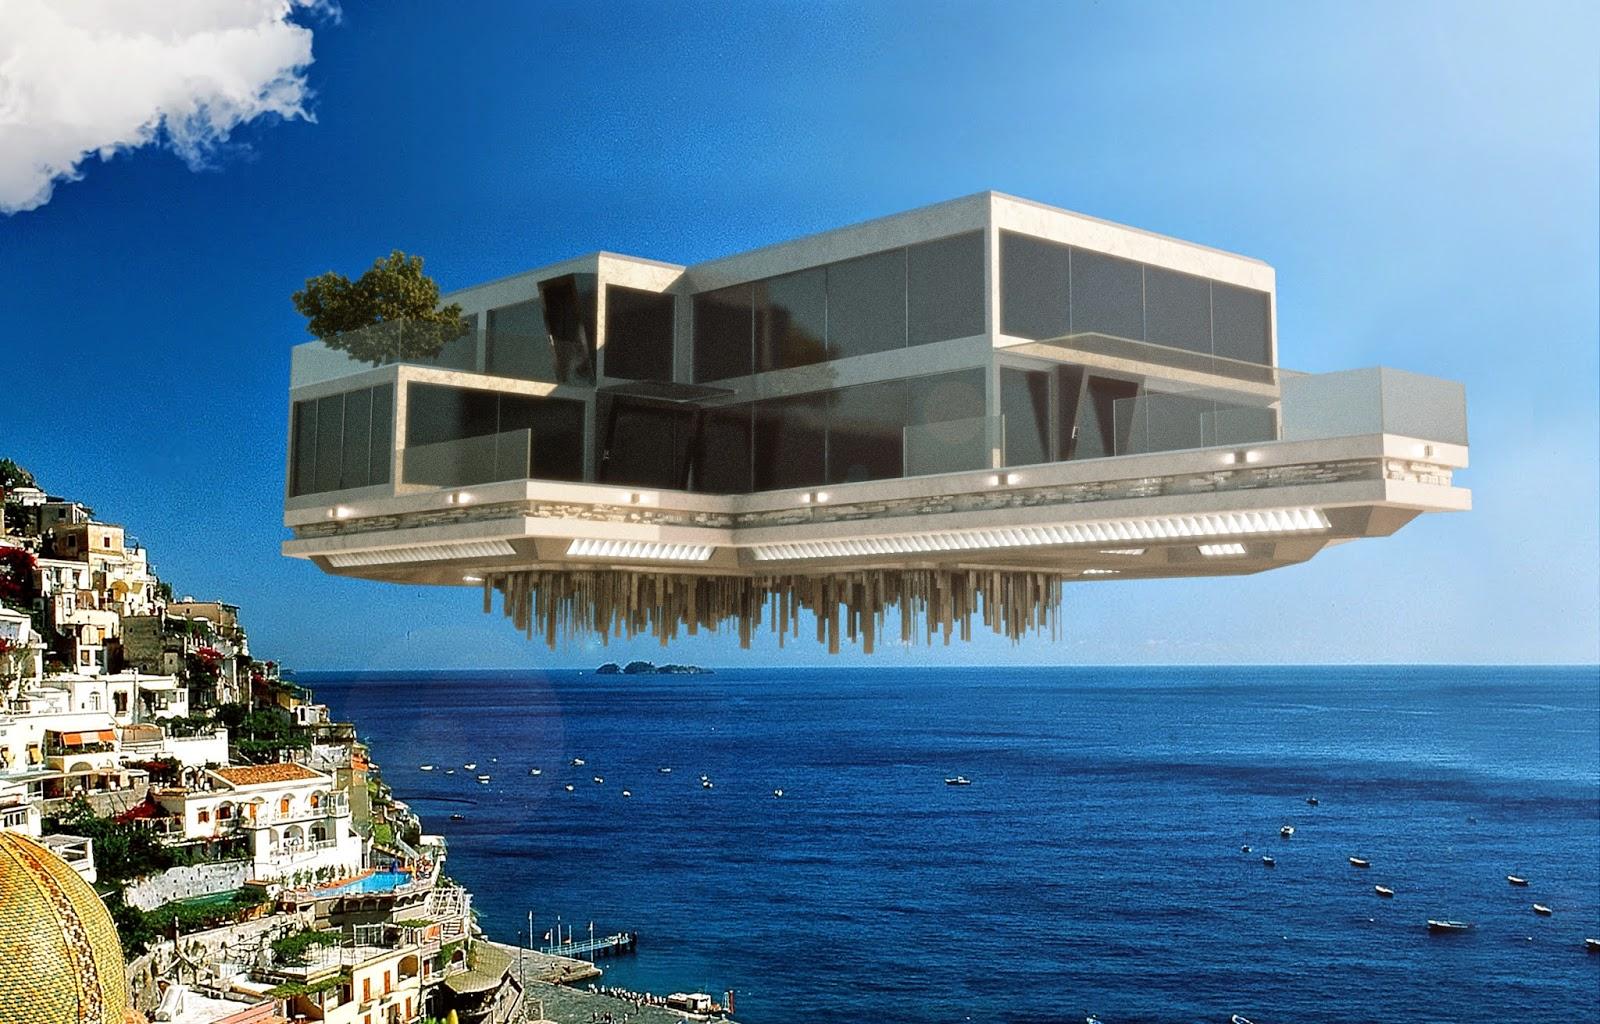 Future houses 3000